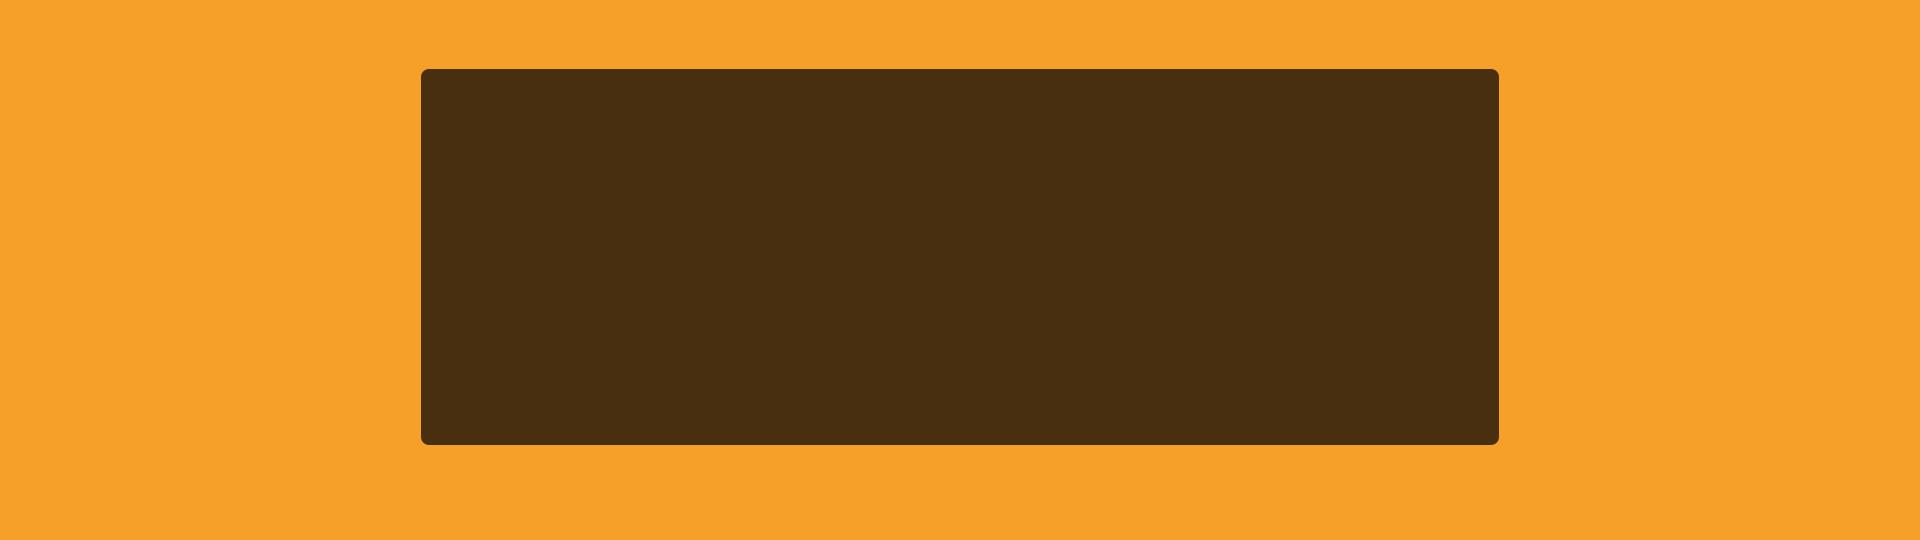 CATEGORY-SDA-COKARANANELEKTRIKLIMUTFAKALETLERI-23-01